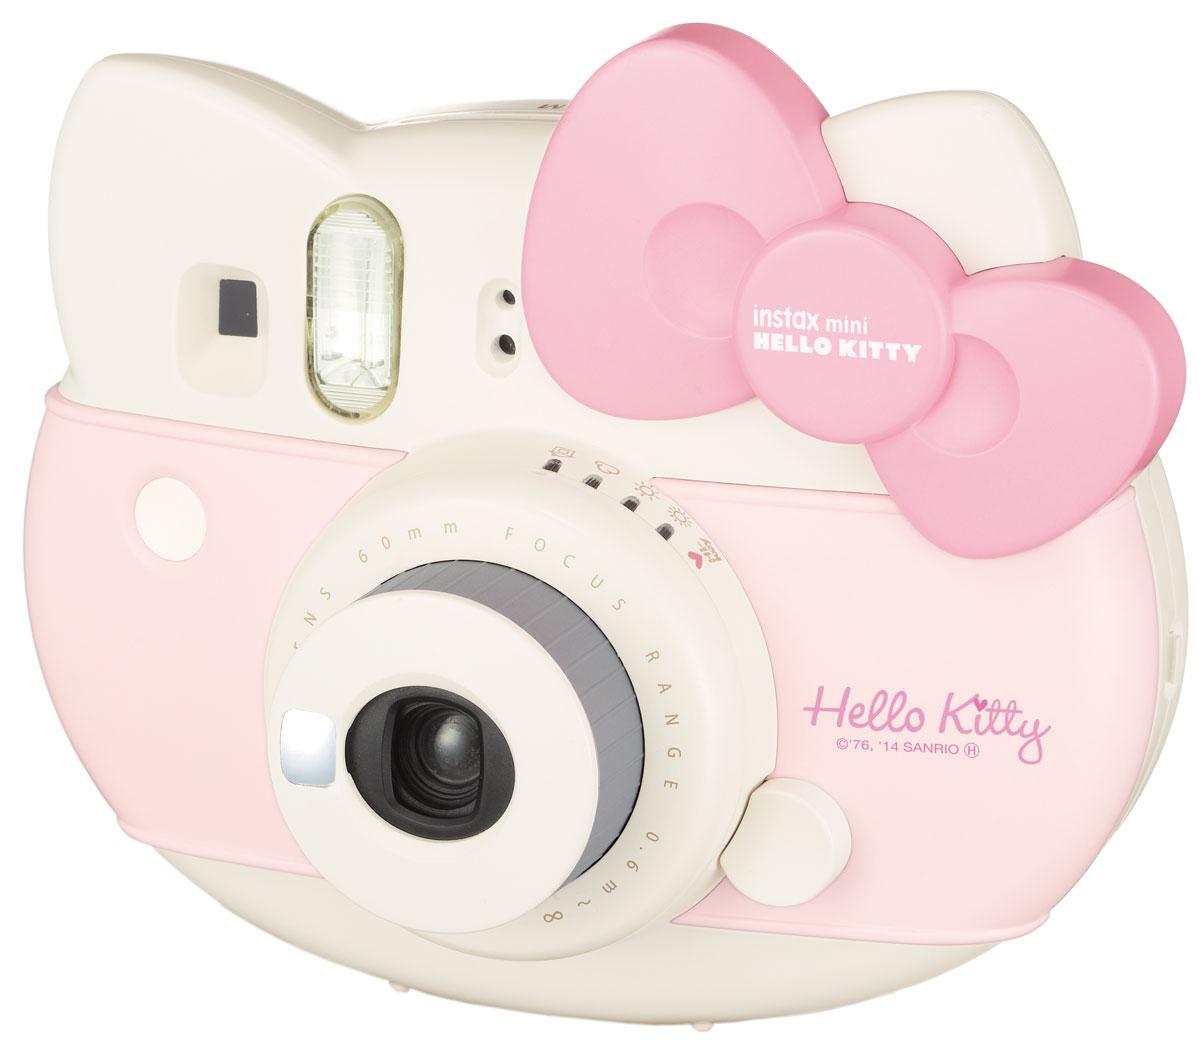 Fujifilm Instax Mini Hello Kitty, Pink фотоаппарат моментальной печати16444064Трогательный Instax Mini Hello Kitty является достойным представителем семьи Instax. В набор включены аксессуары Hello Kitty лимитированной серии: разноцветный ремешок для ношения на плече, кассета Hello Kitty на 10 снимков, а также комплект наклеек с этим милым котиком. В Instax Mini Hello Kitty предусмотрена возможность настройки стандартной экспозиции в 4 уровня: солнечно, облачно, пасмурно и в помещении. В дополнение к этим экспозициям в камере Instax Mini Hello Kitty присутствует High-Key съемка: с ее помощью вы будете получать яркие и теплые снимки, благодаря повышению диафрагмы на 2/3 части. При съемке маленьких предметов используйте объектив макро-съемки и на снимке вы получите их увеличенное изображение. В камеру уже встроено зеркальце для селфи и стандартный комплект идет с макро-линзой для съемки с близких расстояний. Выдержка в обозначении 1/60 сек Рекомендуемое расстояния при съемке 60 см - 3 м Объектив Fujinon Размер...